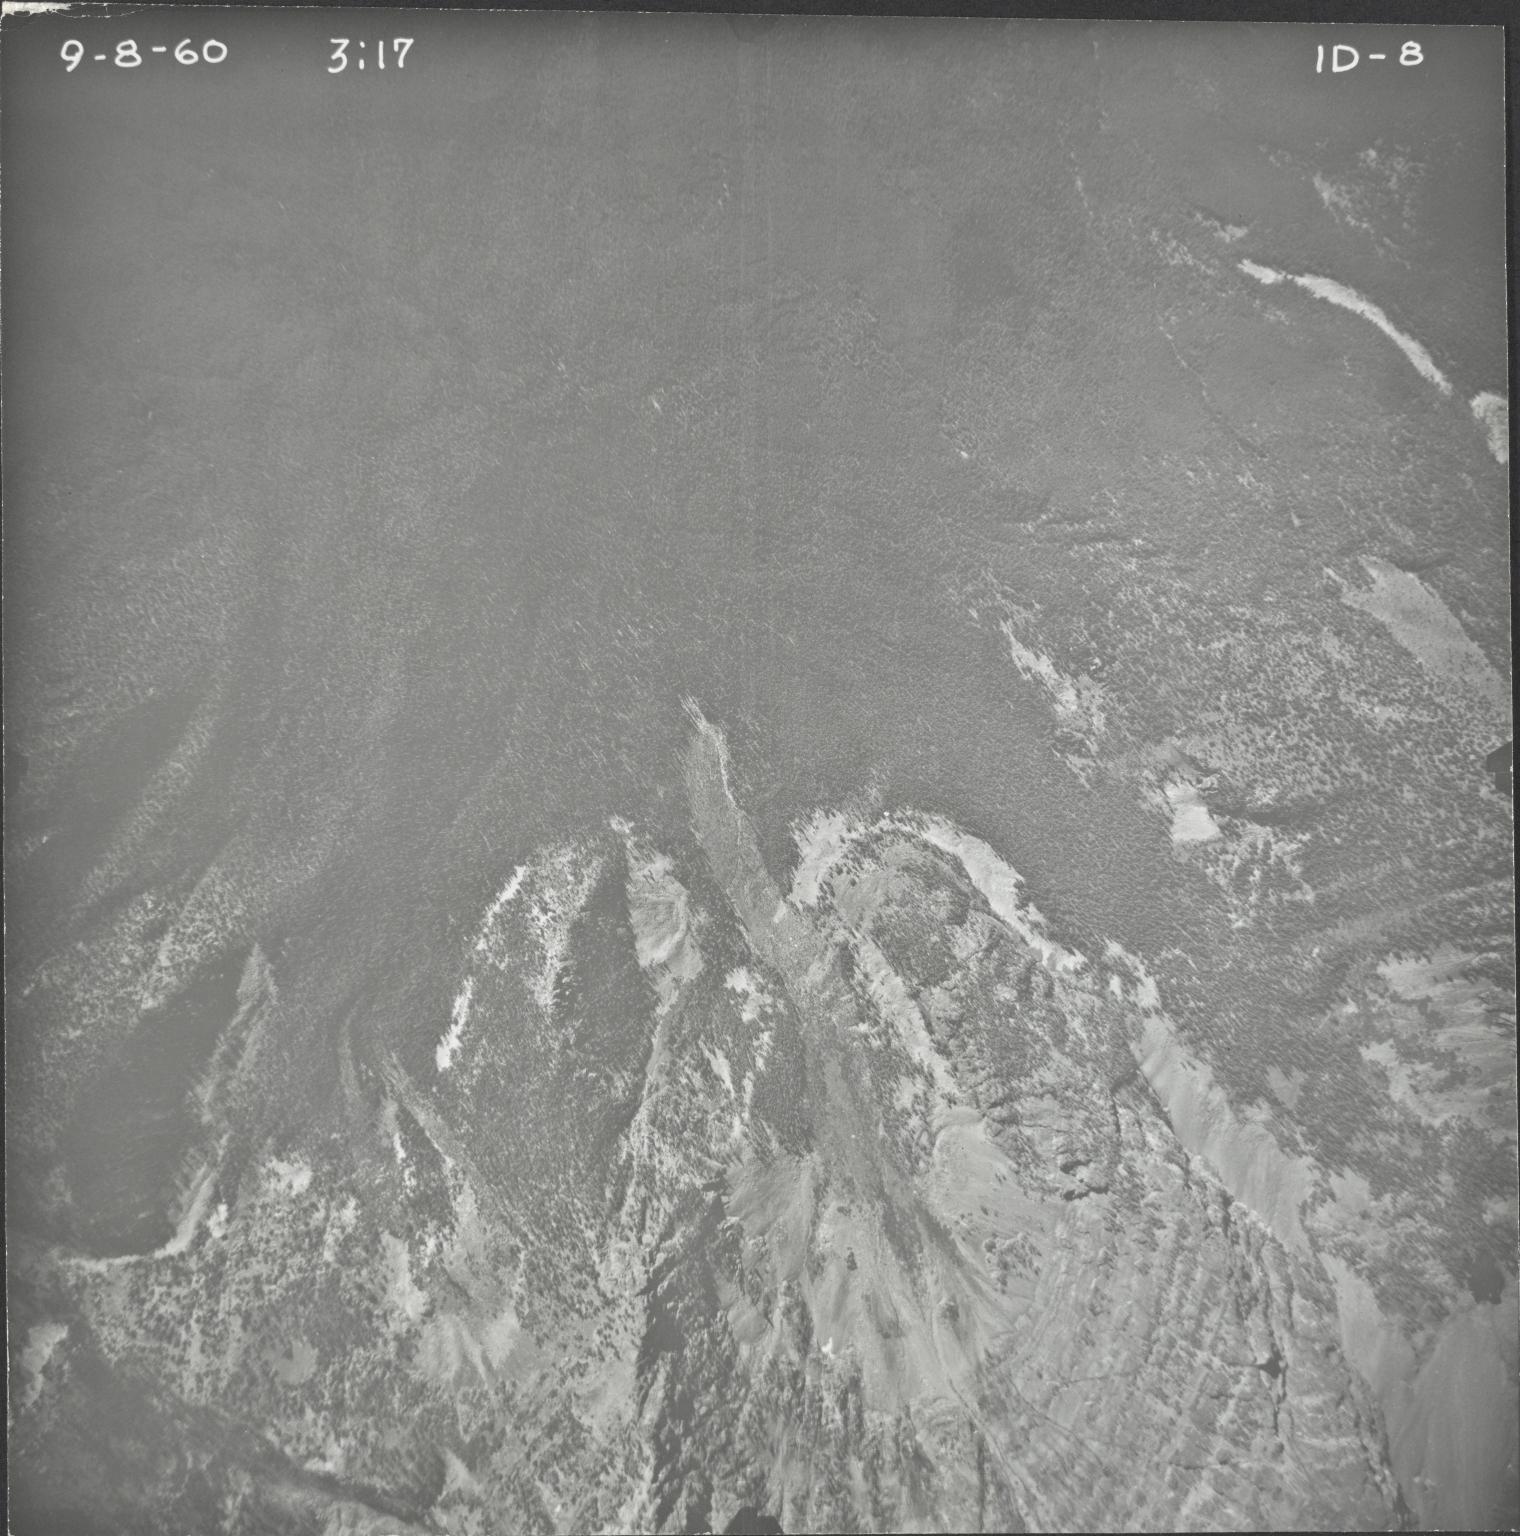 No glacier, aerial photograph FL ID-8, Montana